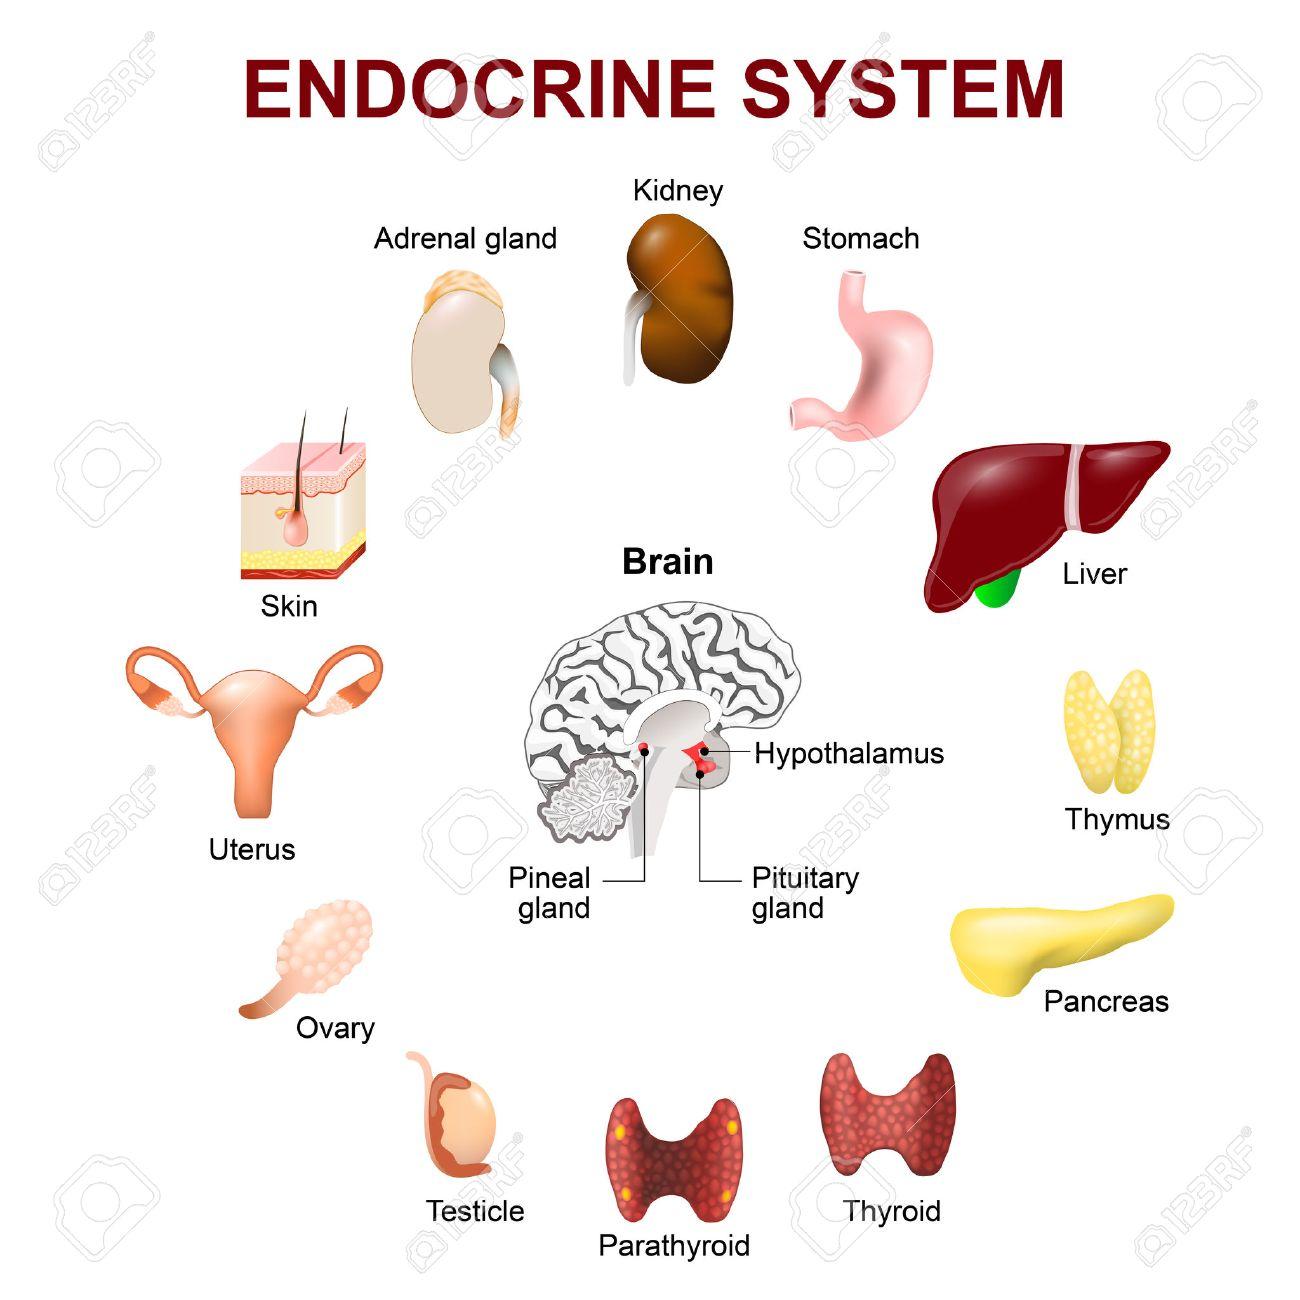 Menschliche Anatomie. Endokrine System (Hypophyse, Epiphyse, Hoden ...